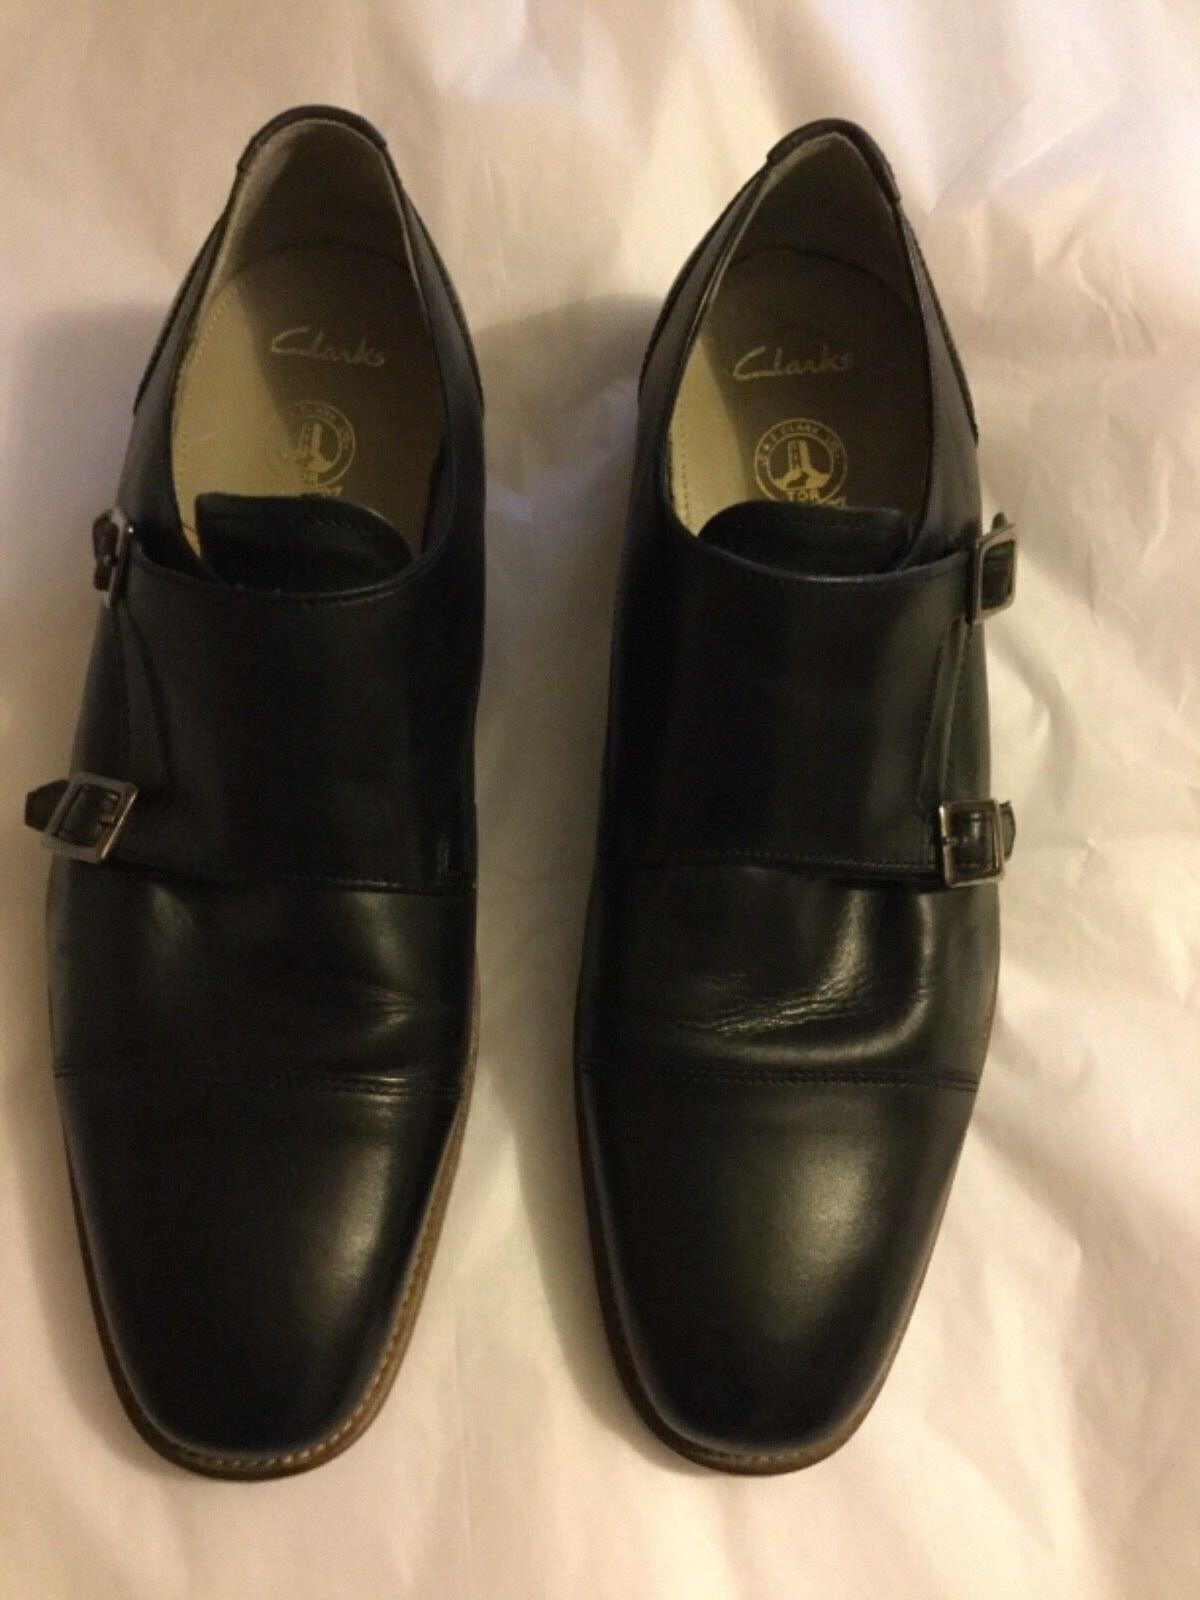 Clarks Smart shoes Style Black Penton Monk - 11.5